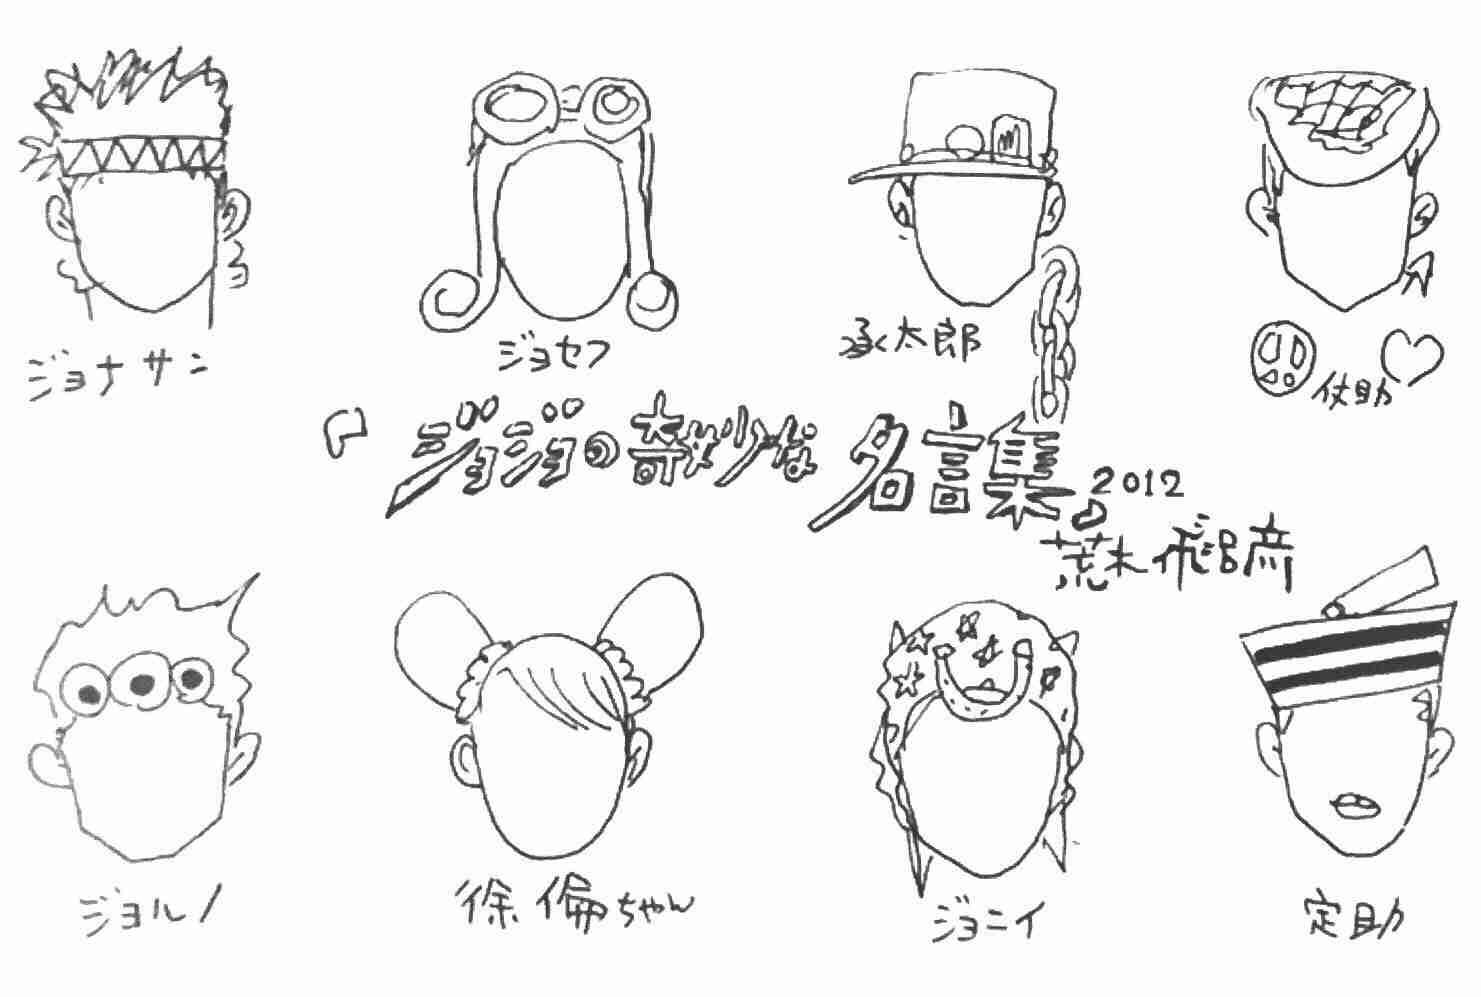 「ジョジョの奇妙な冒険」の画像が集まるトピ(マンガ・アニメ・絵)